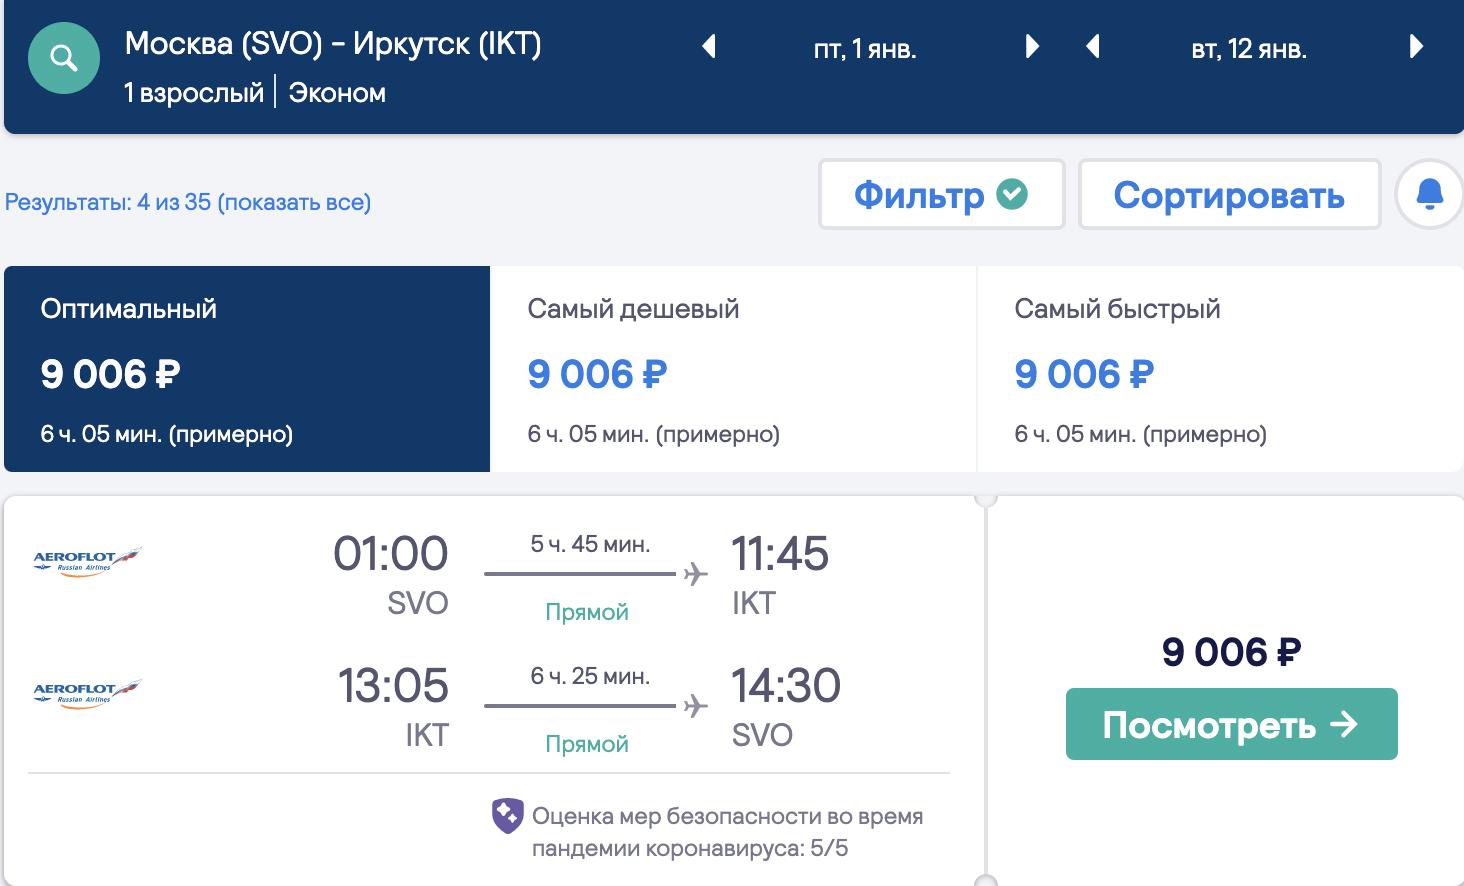 Летим на Байкал за 9000₽ туда-обратно! Дешевые билеты Аэрофлота из Москвы в Иркутск